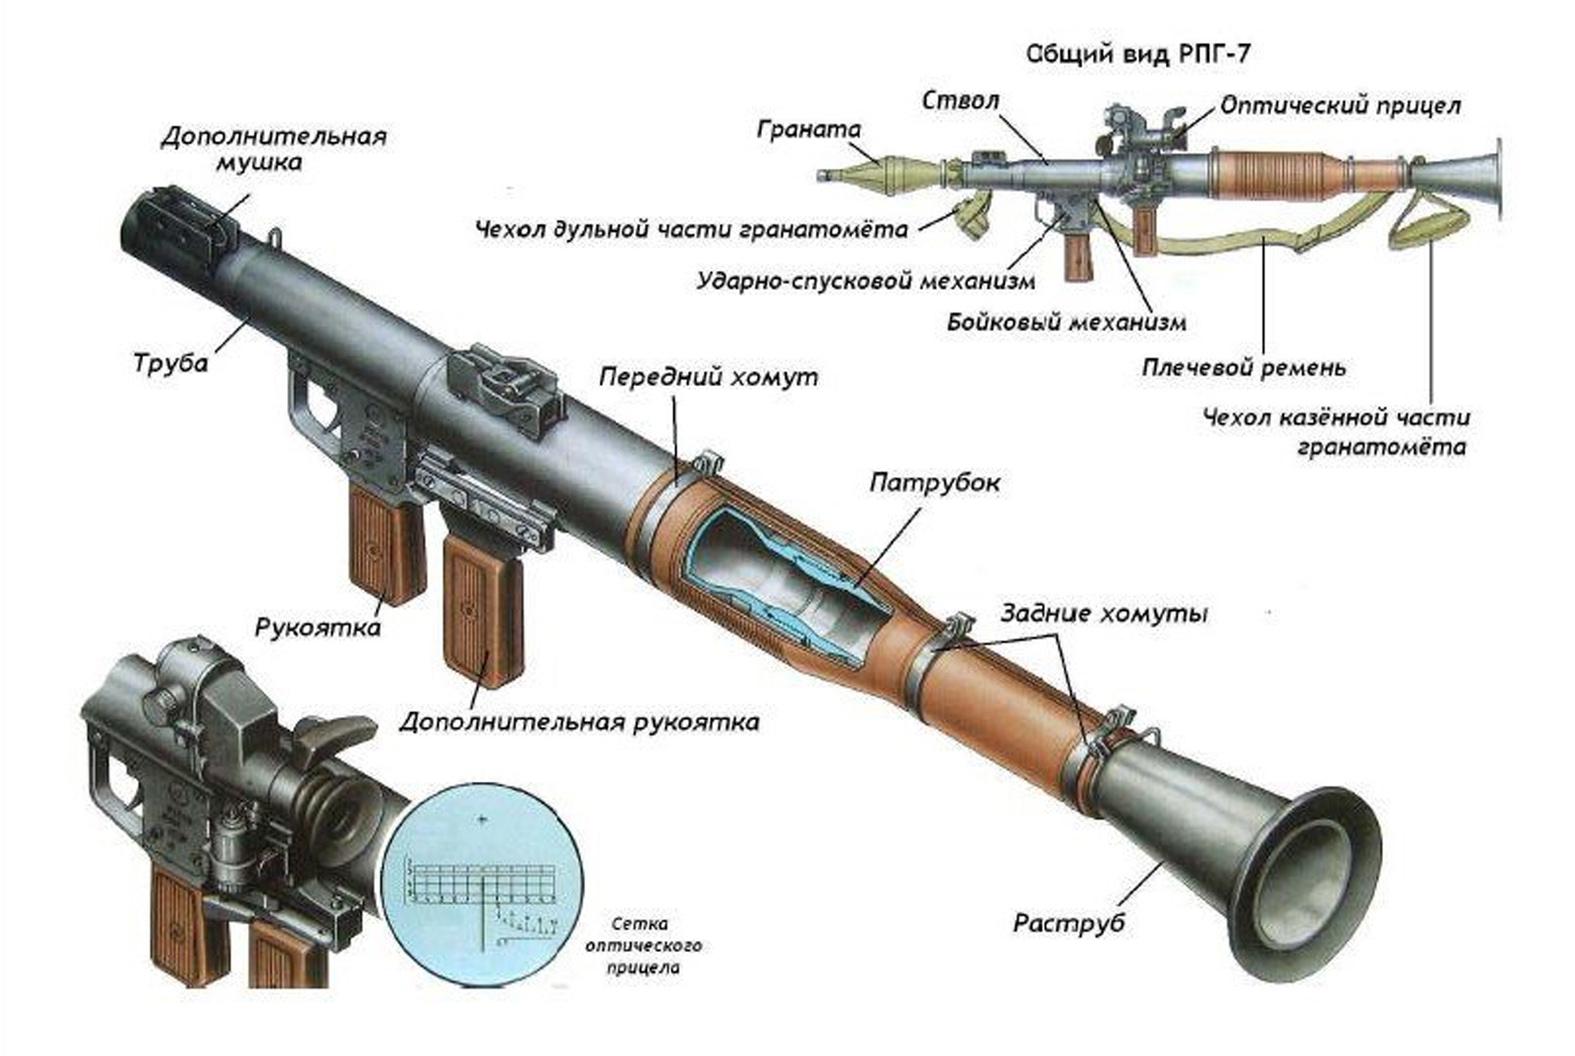 Гранатомет - перcональная артиллерия - ВЕСТИ ДОСААФ/info@vestidosaaf.ru